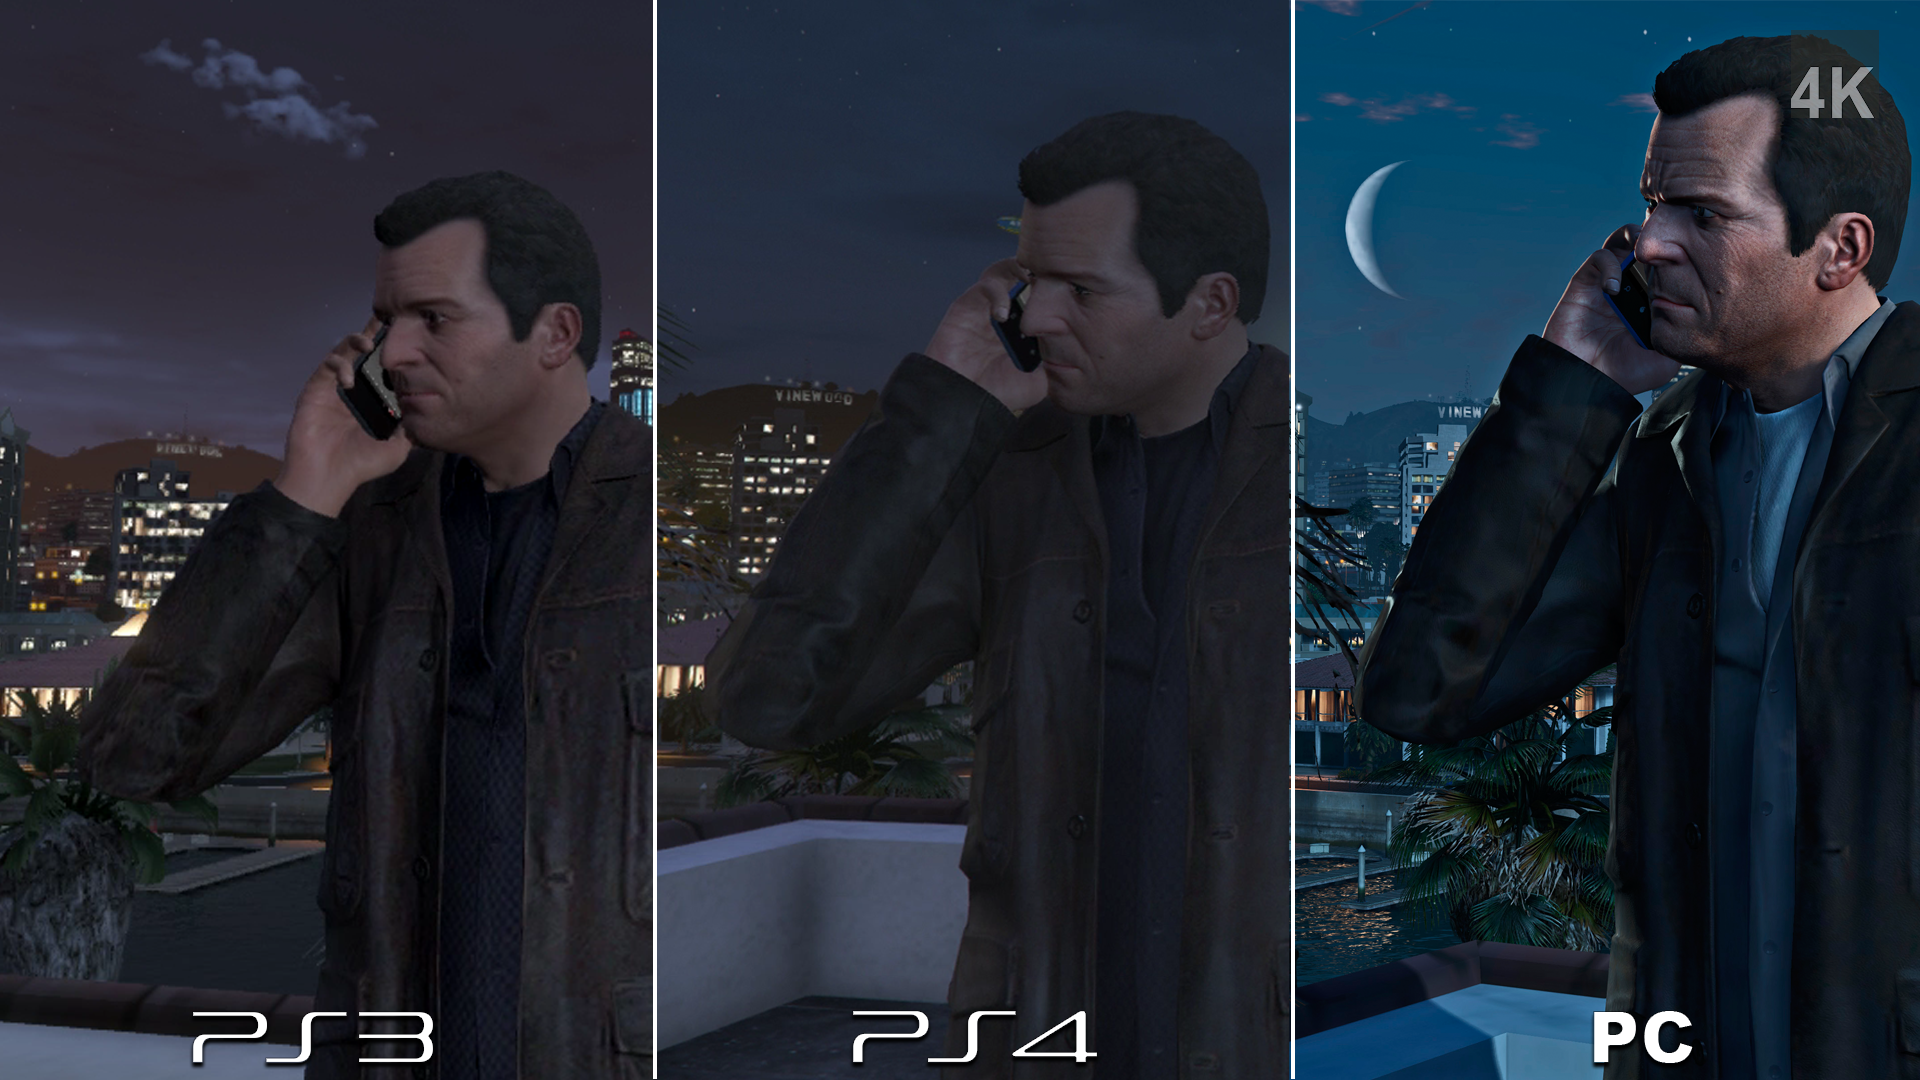 GTA 5, PC-PS4-PS3-2